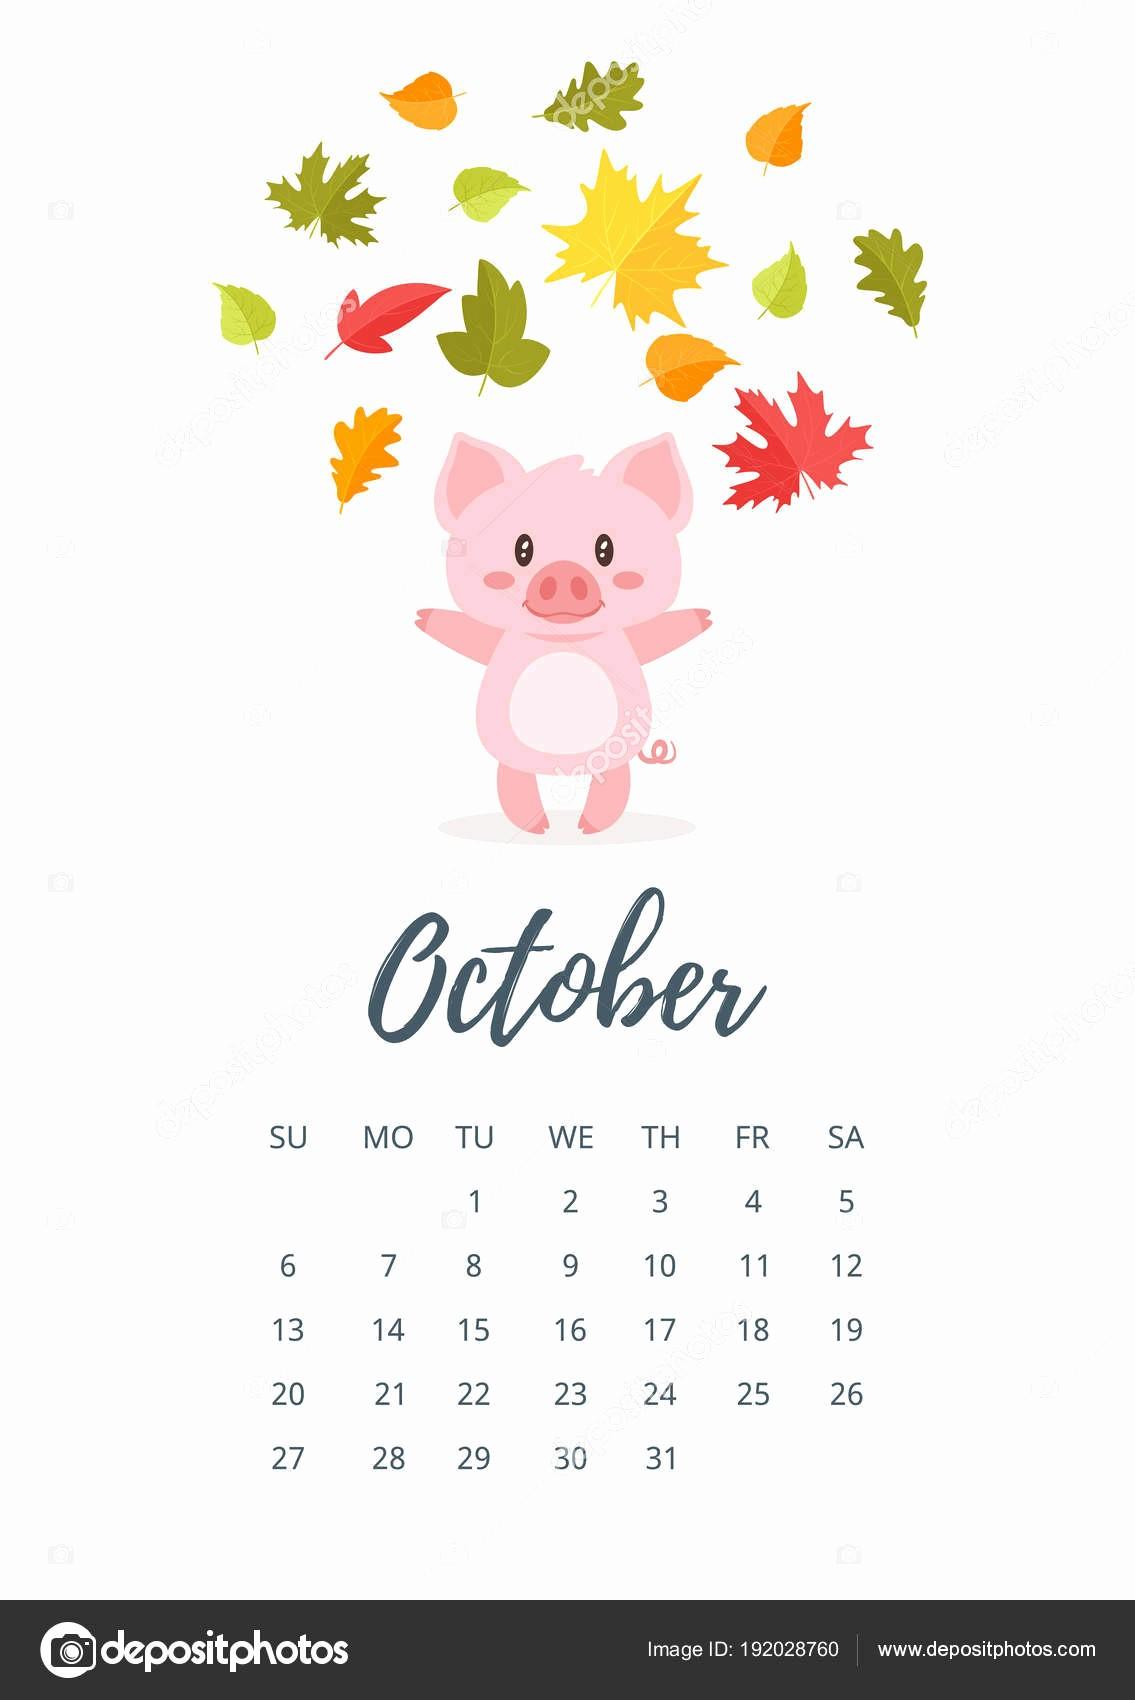 13 De Octubre De 2019 Pagina De Calendario Ano Outubro De 2019 Vetor De Stock